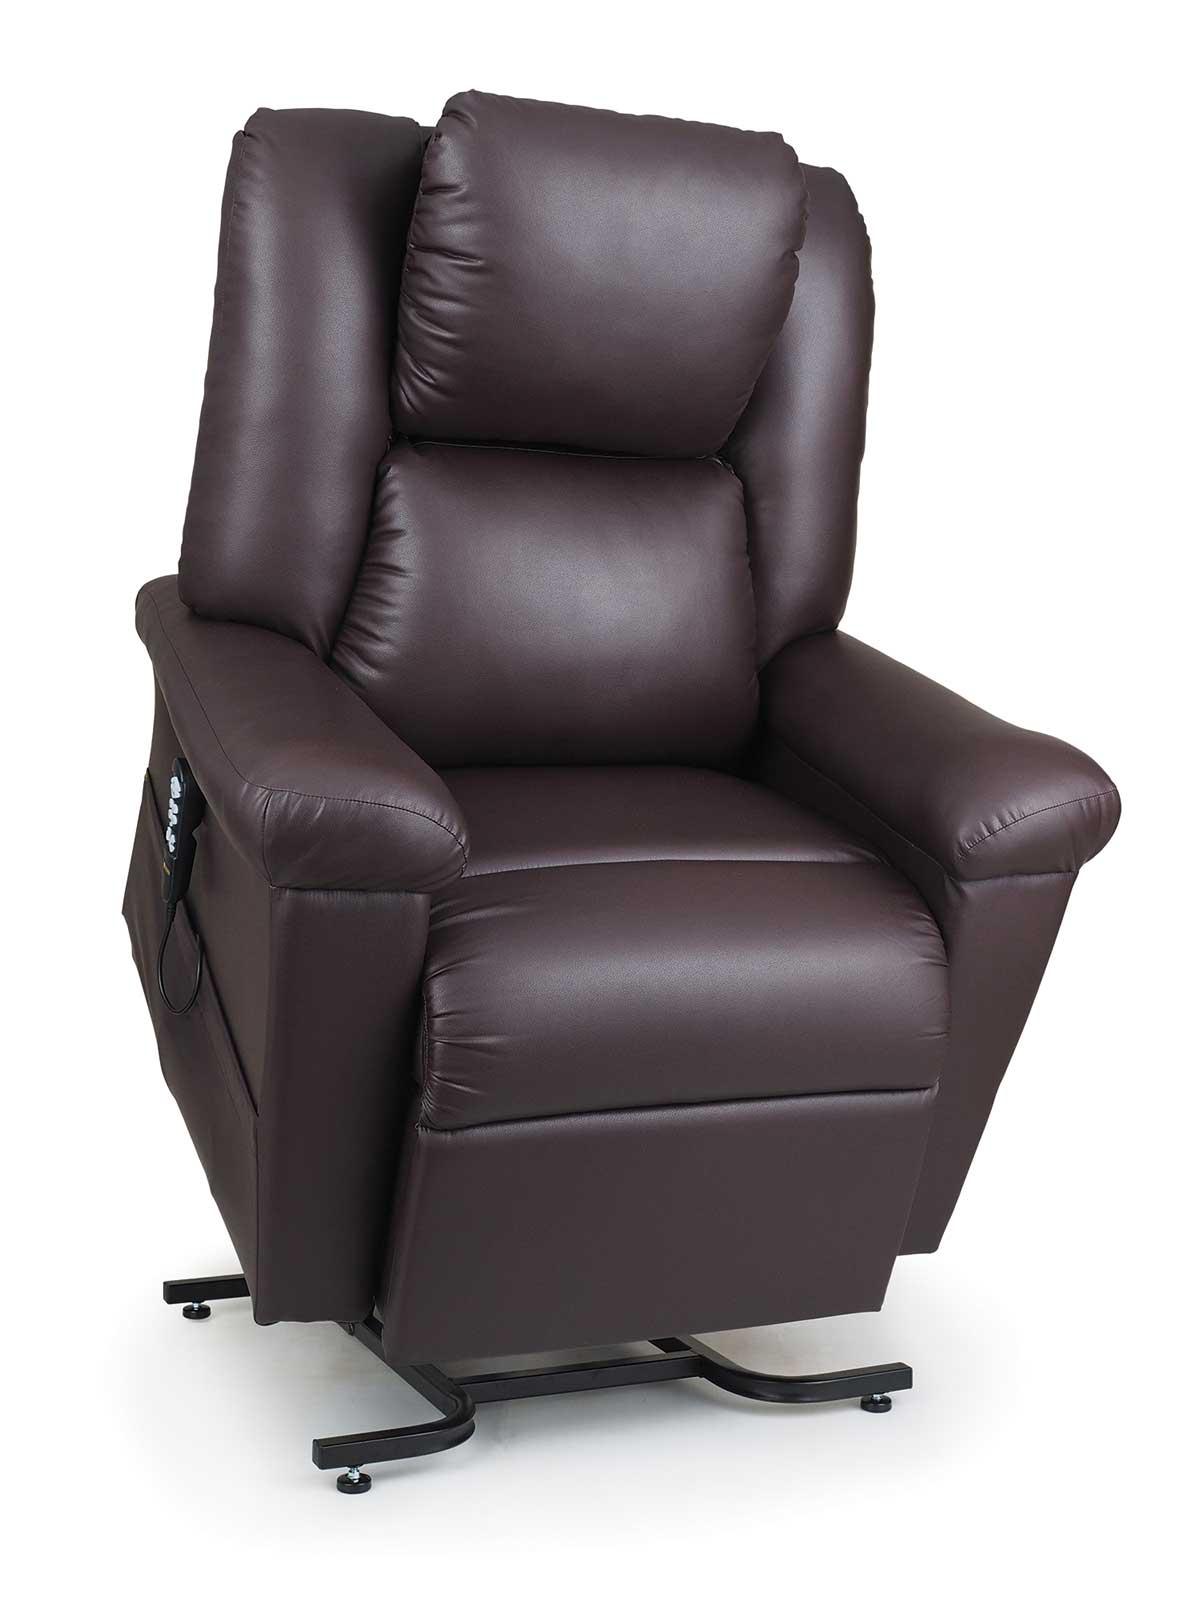 golden power lift chair reviews rei butterfly daydreamer chairs live well medical supplies